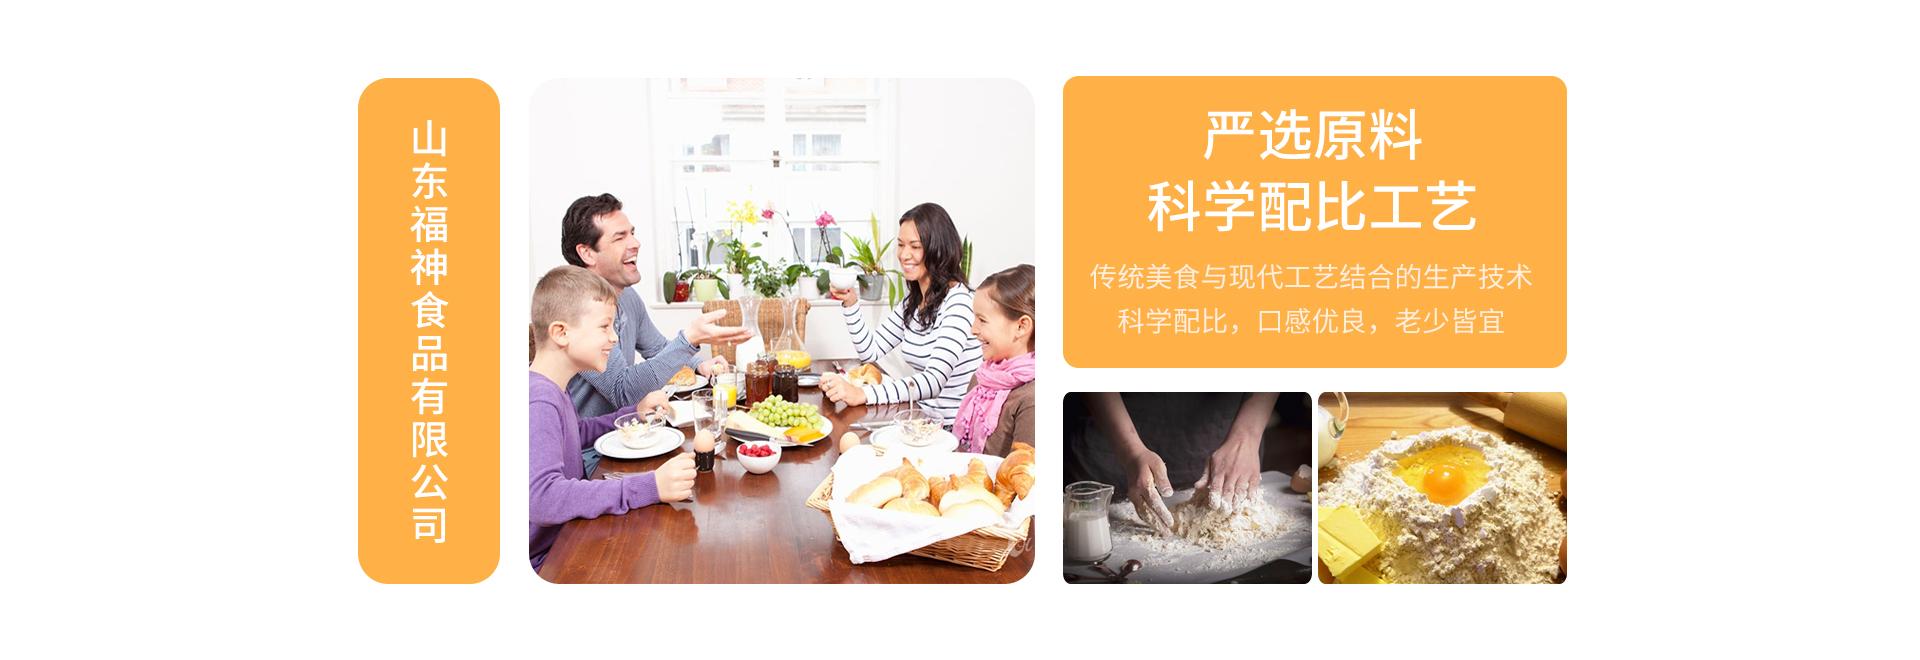 山東面食半成品,面食半成品廠家,山東冷凍面米食品,冷凍面米食品廠家